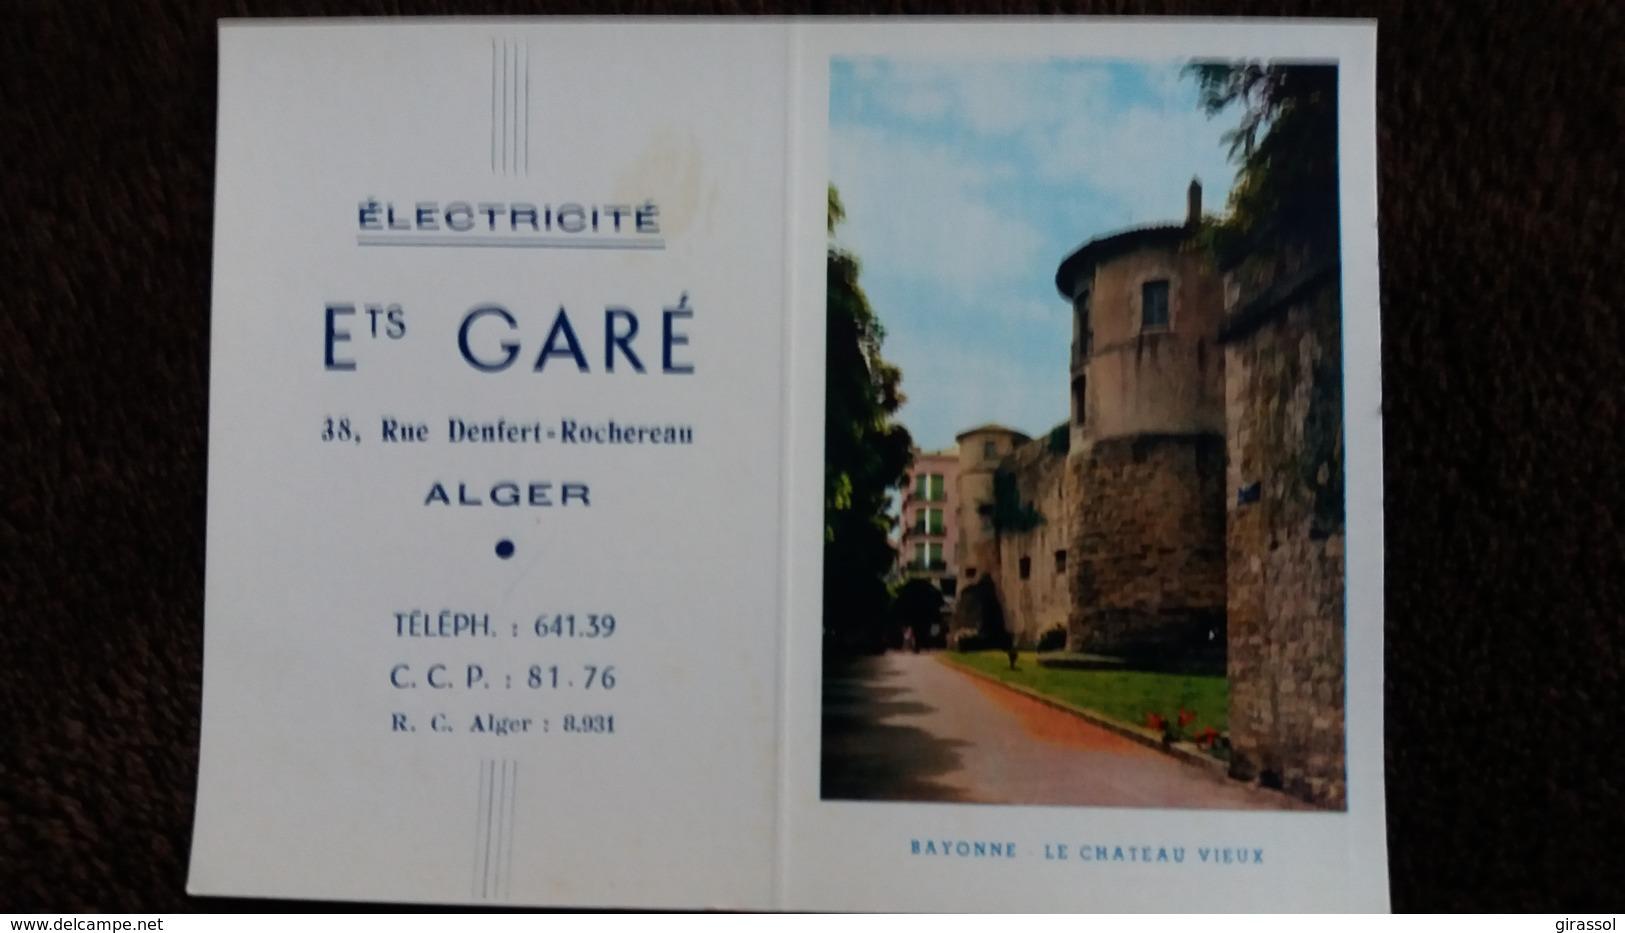 CALENDRIER POCHE 1958 ELECTRICITE ETS GARE ALGER RUE DENFERT ROCHEREAU VUE DE BAYONNE CHATEAU VIEUX - Calendriers